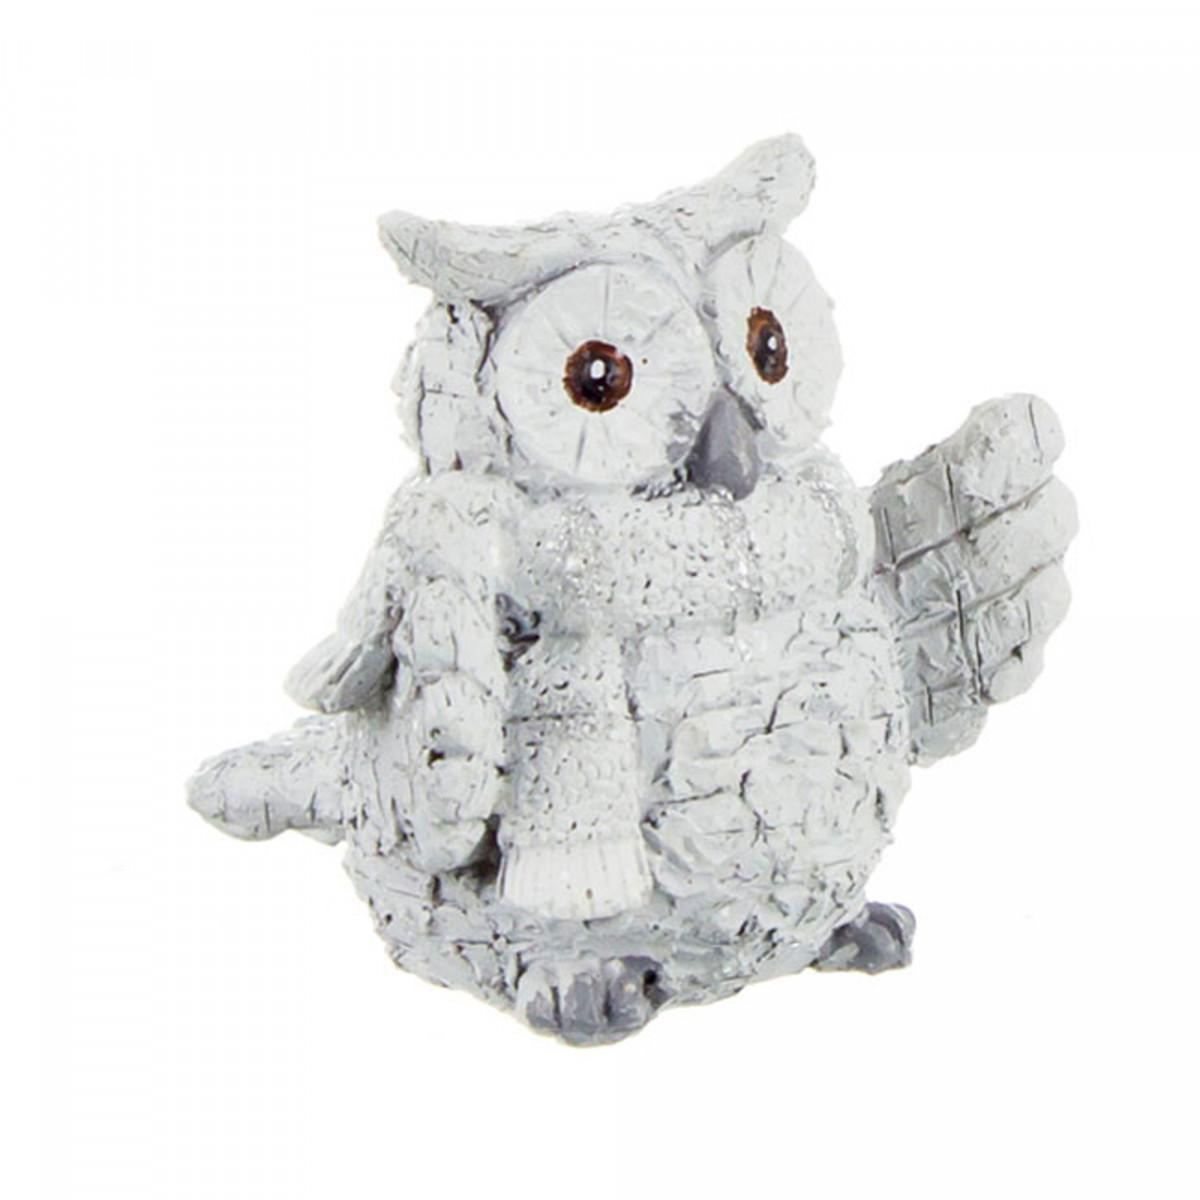 {} Lefard Интерьерная игрушка Alpin  (5х5х6 см) насос универсальный x alpin sks 10035 пластик серебристый 0 10035